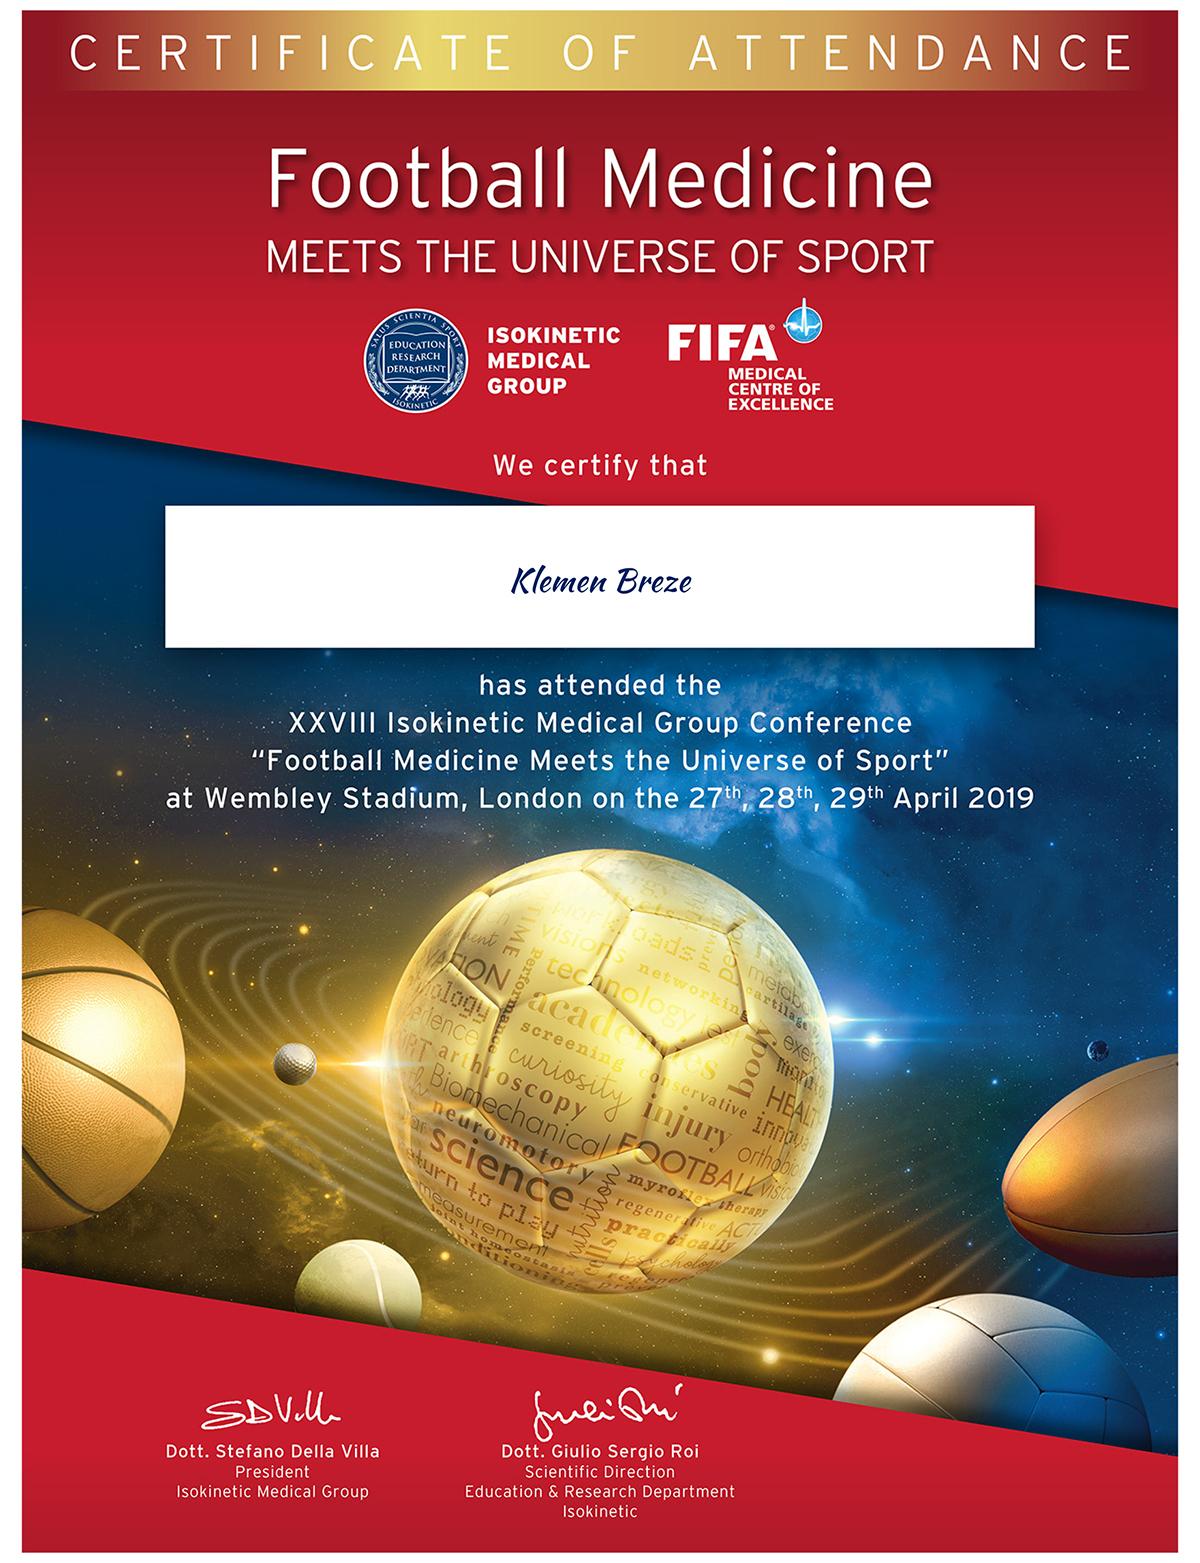 Football Medicine Certificate